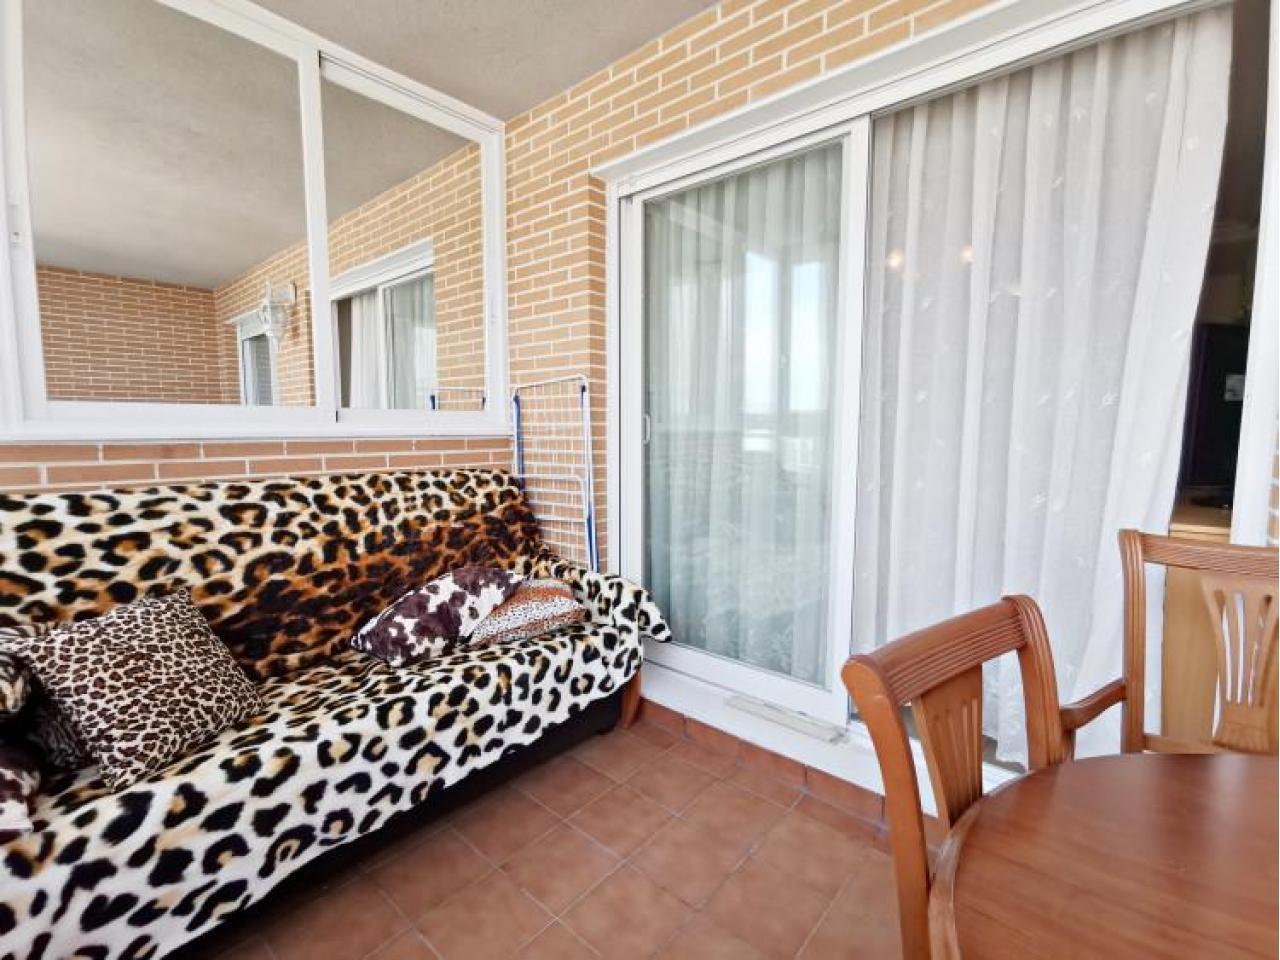 Прекрасная квартира возле моря в Бенидорме, Испания - 2